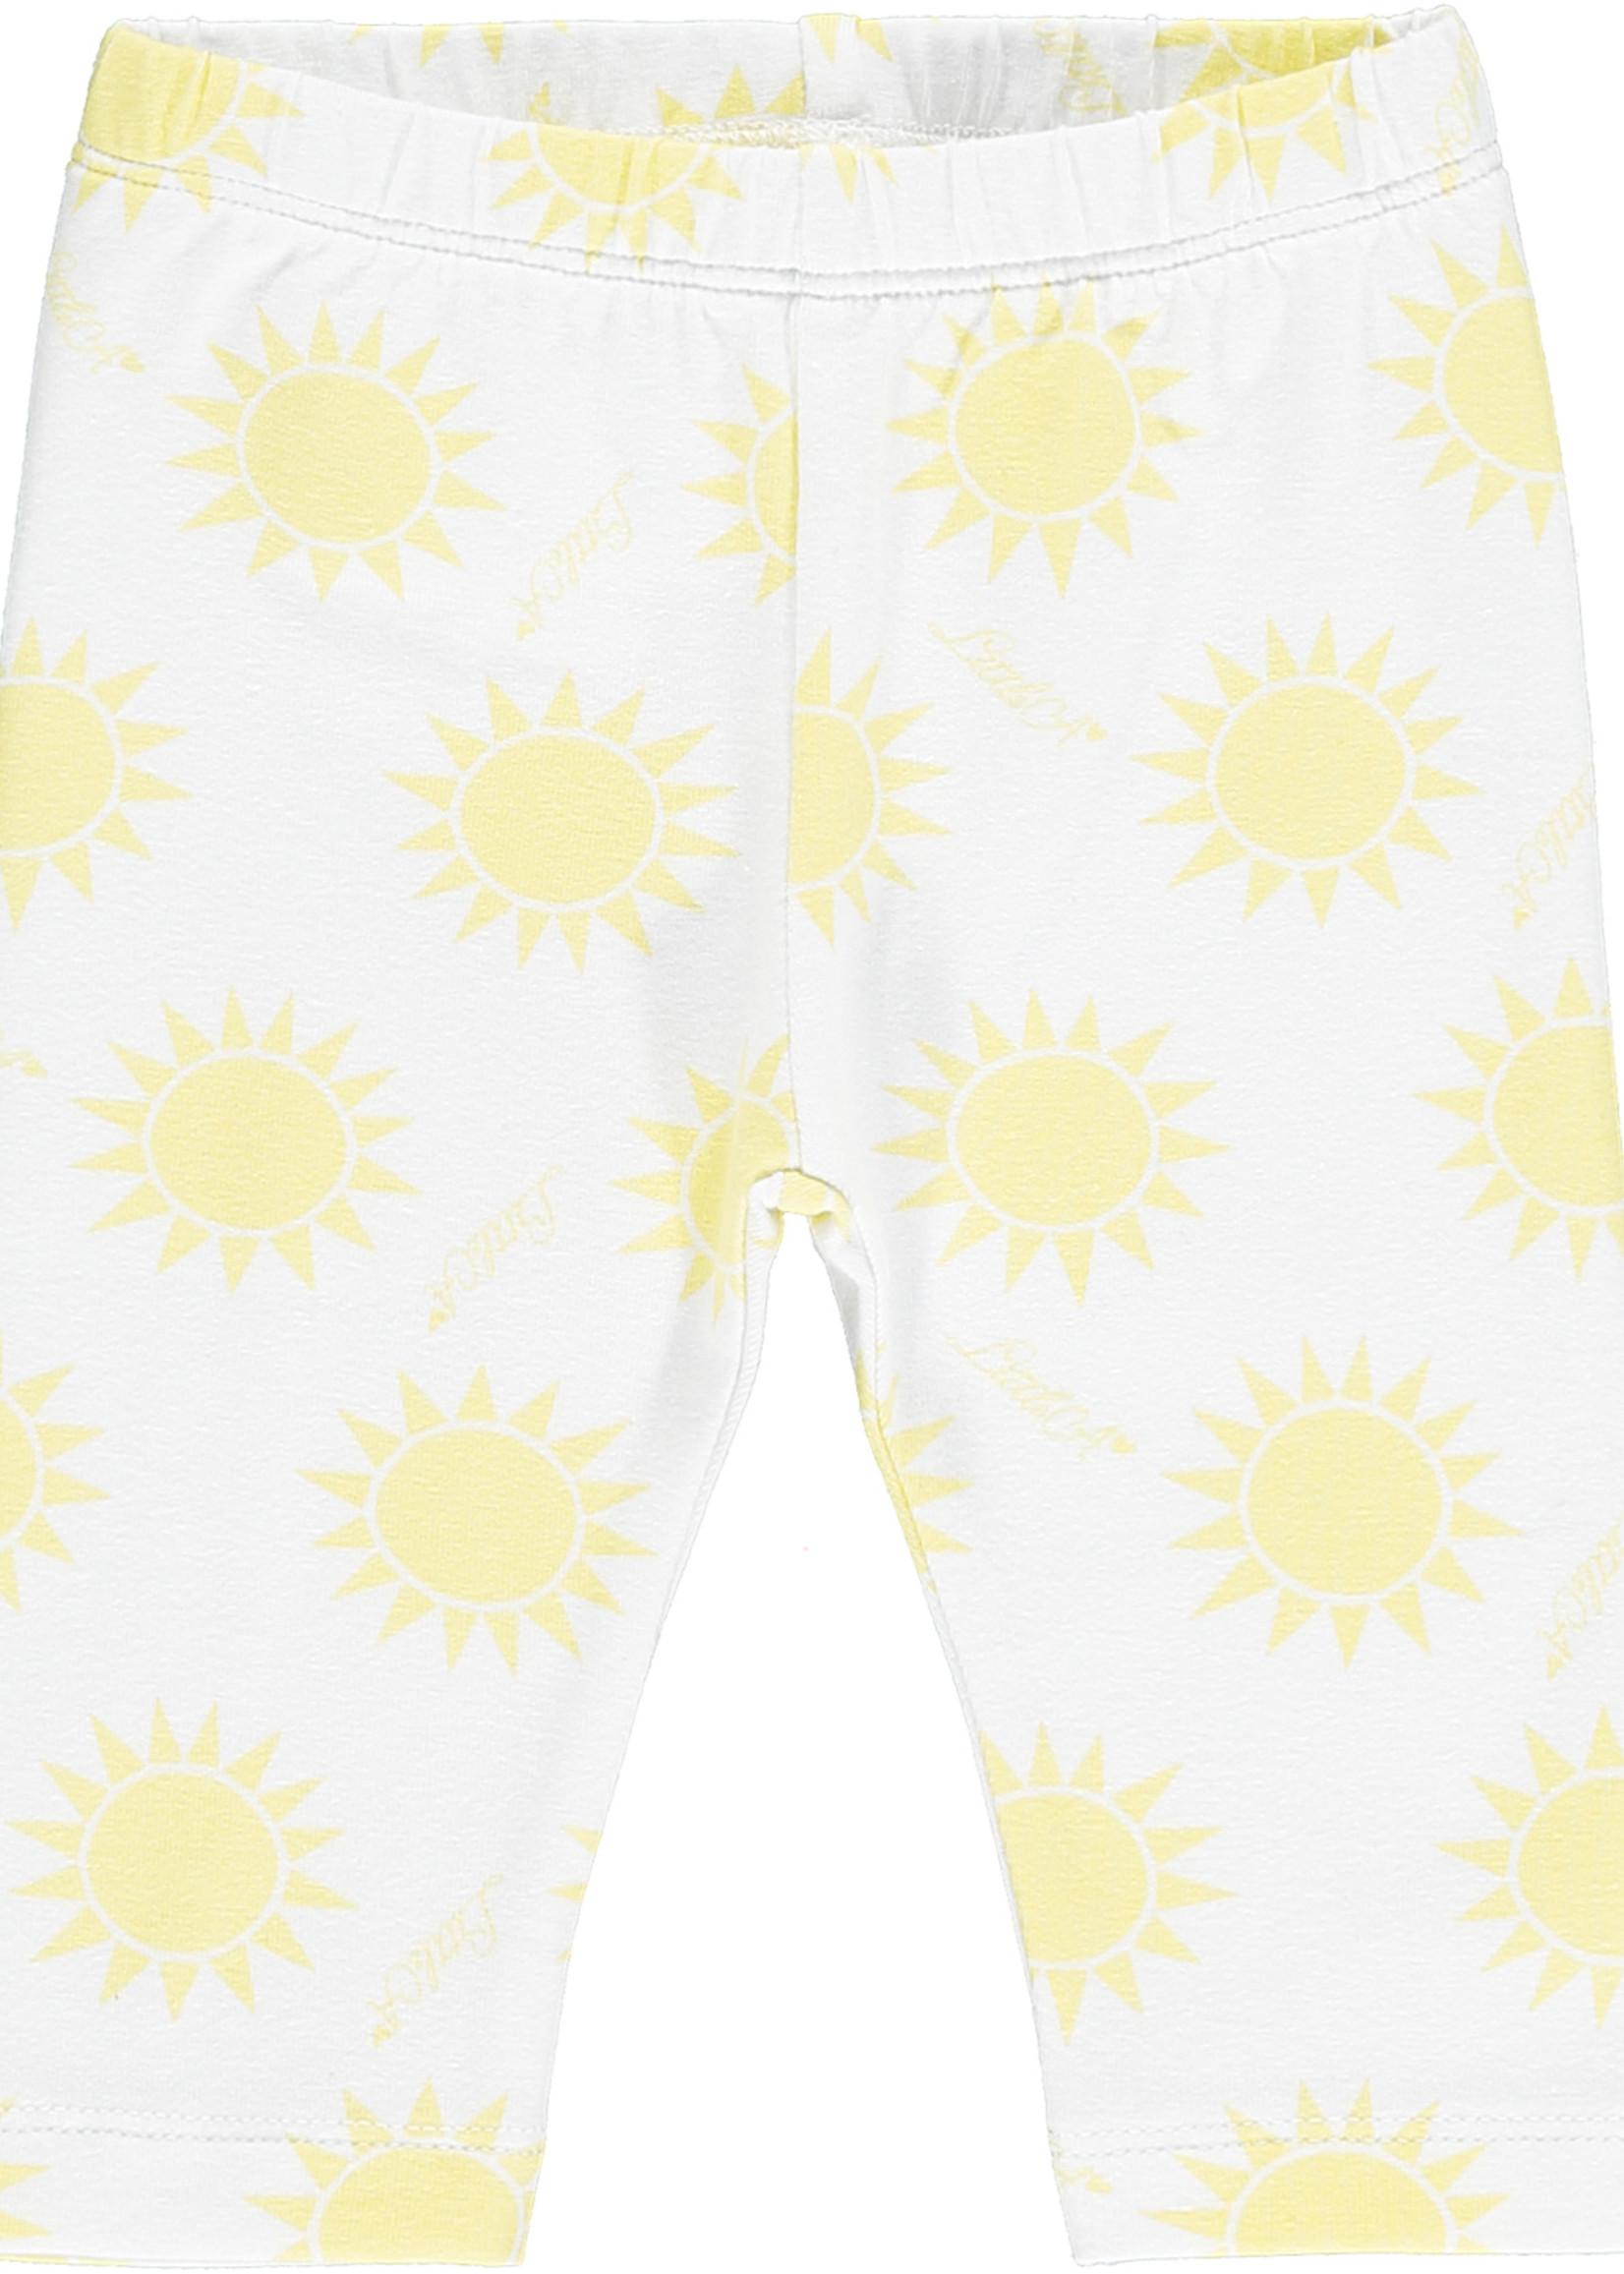 Little Adee Kady Hello sunshine legging set